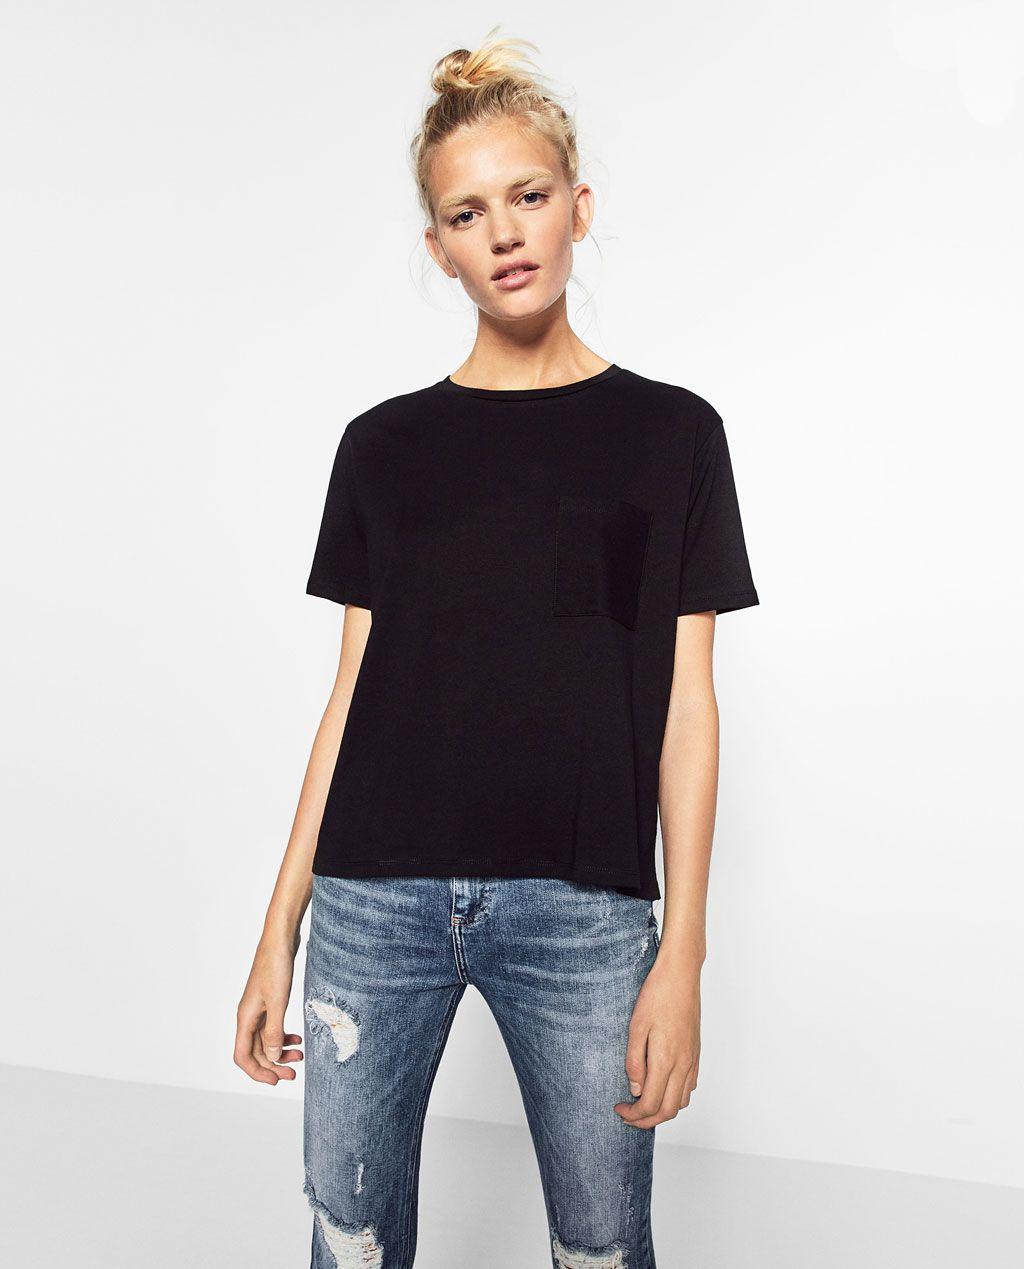 zara t shirt noir femme